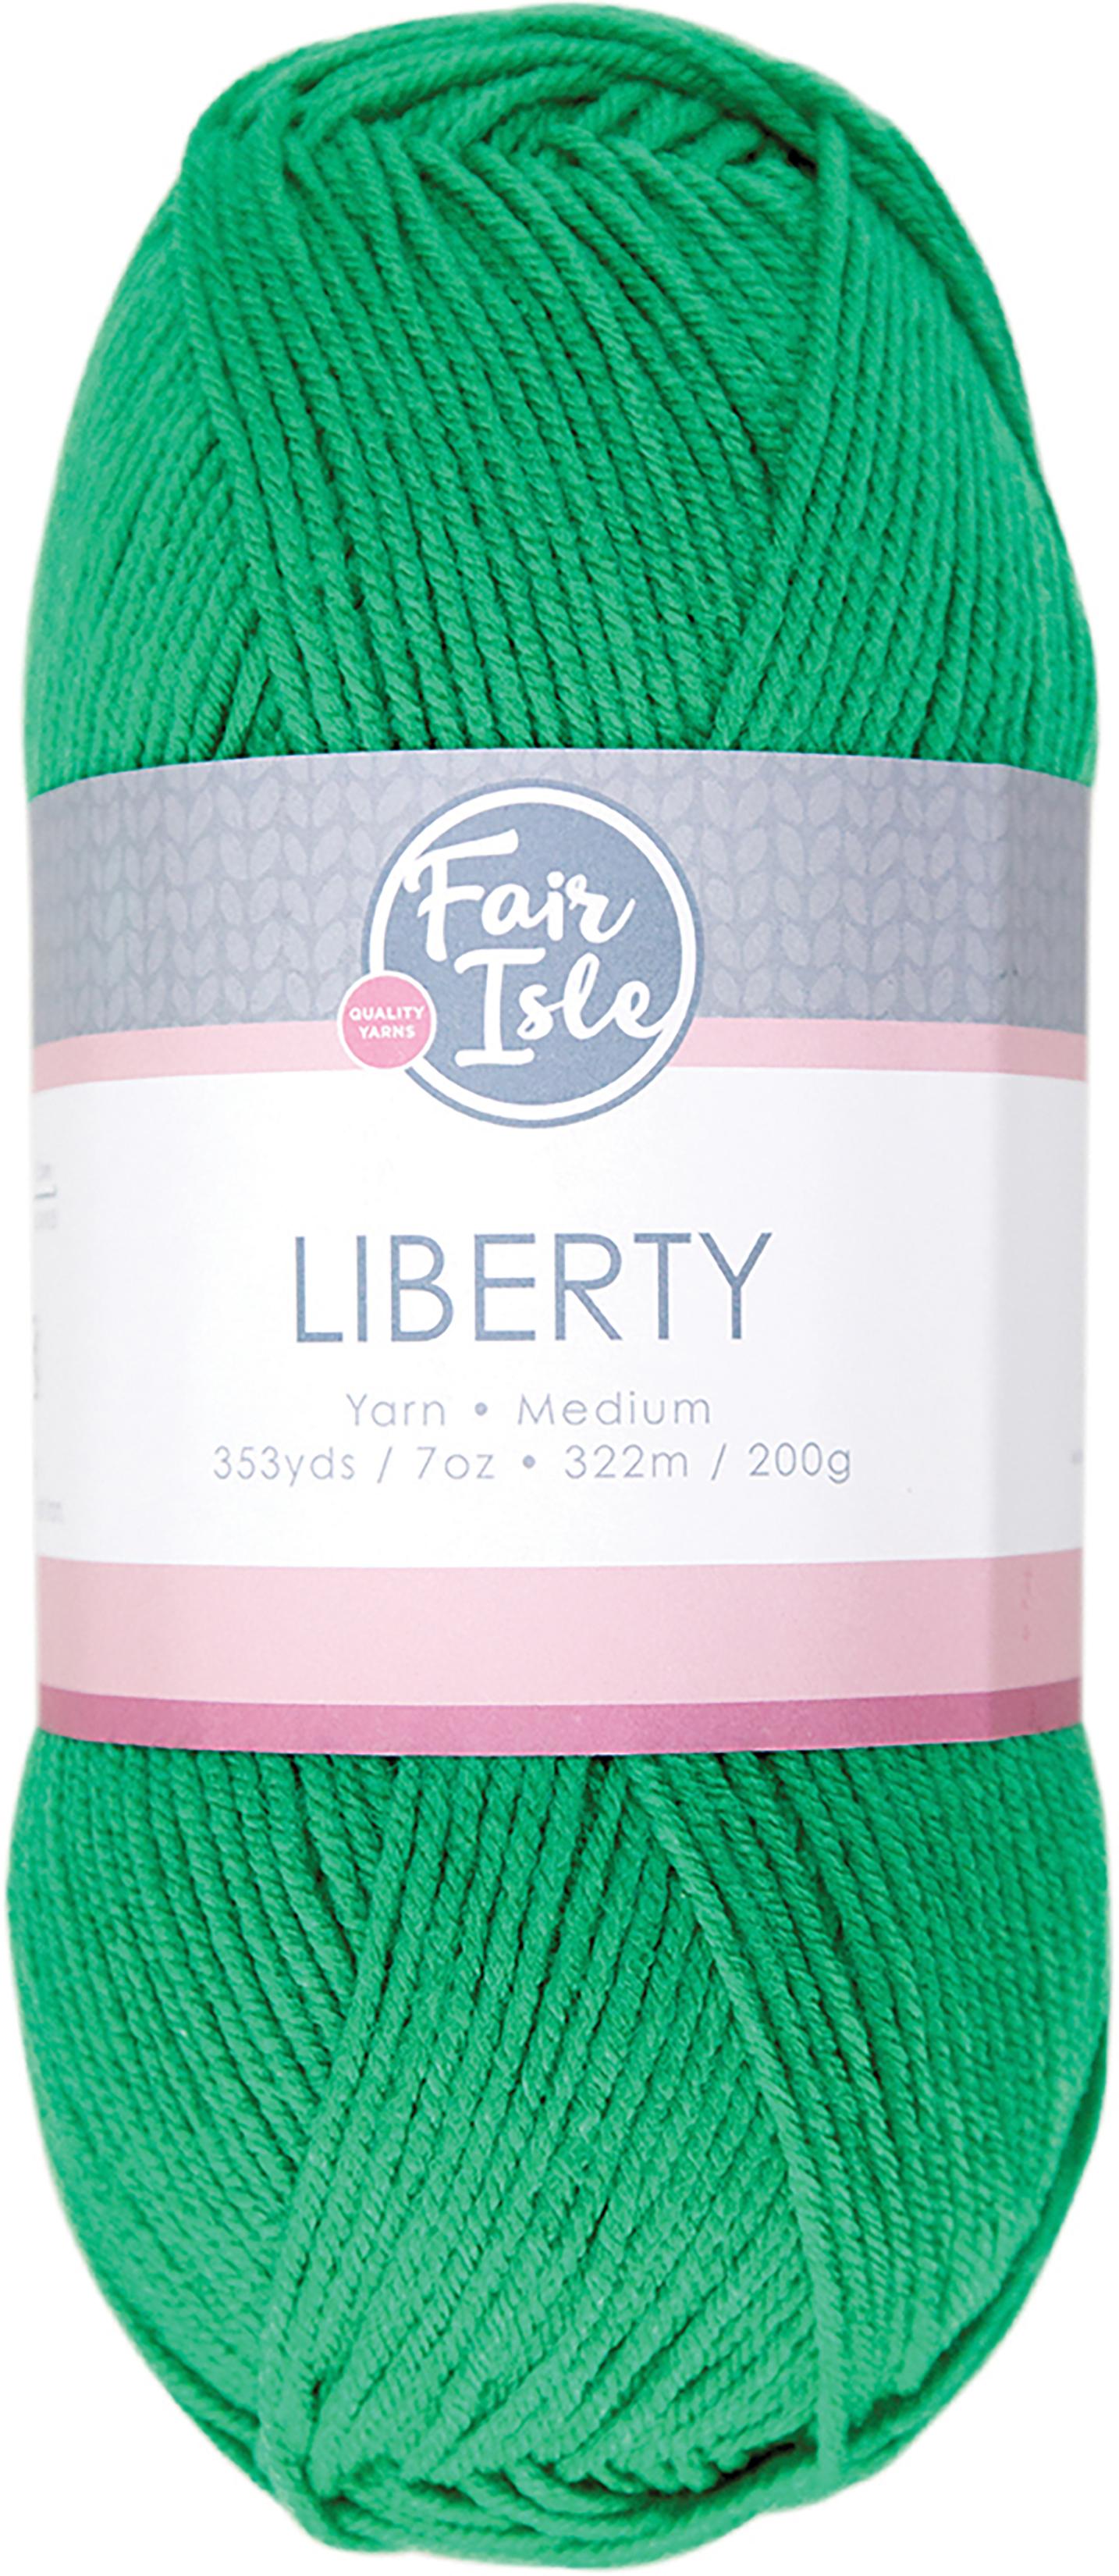 Fair Isle Liberty 200g Yarn-Grass